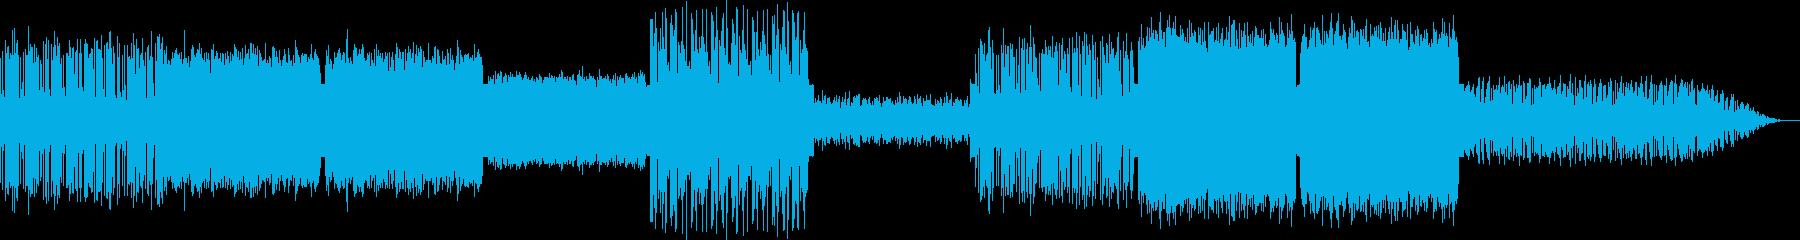 モダンなテクノの再生済みの波形